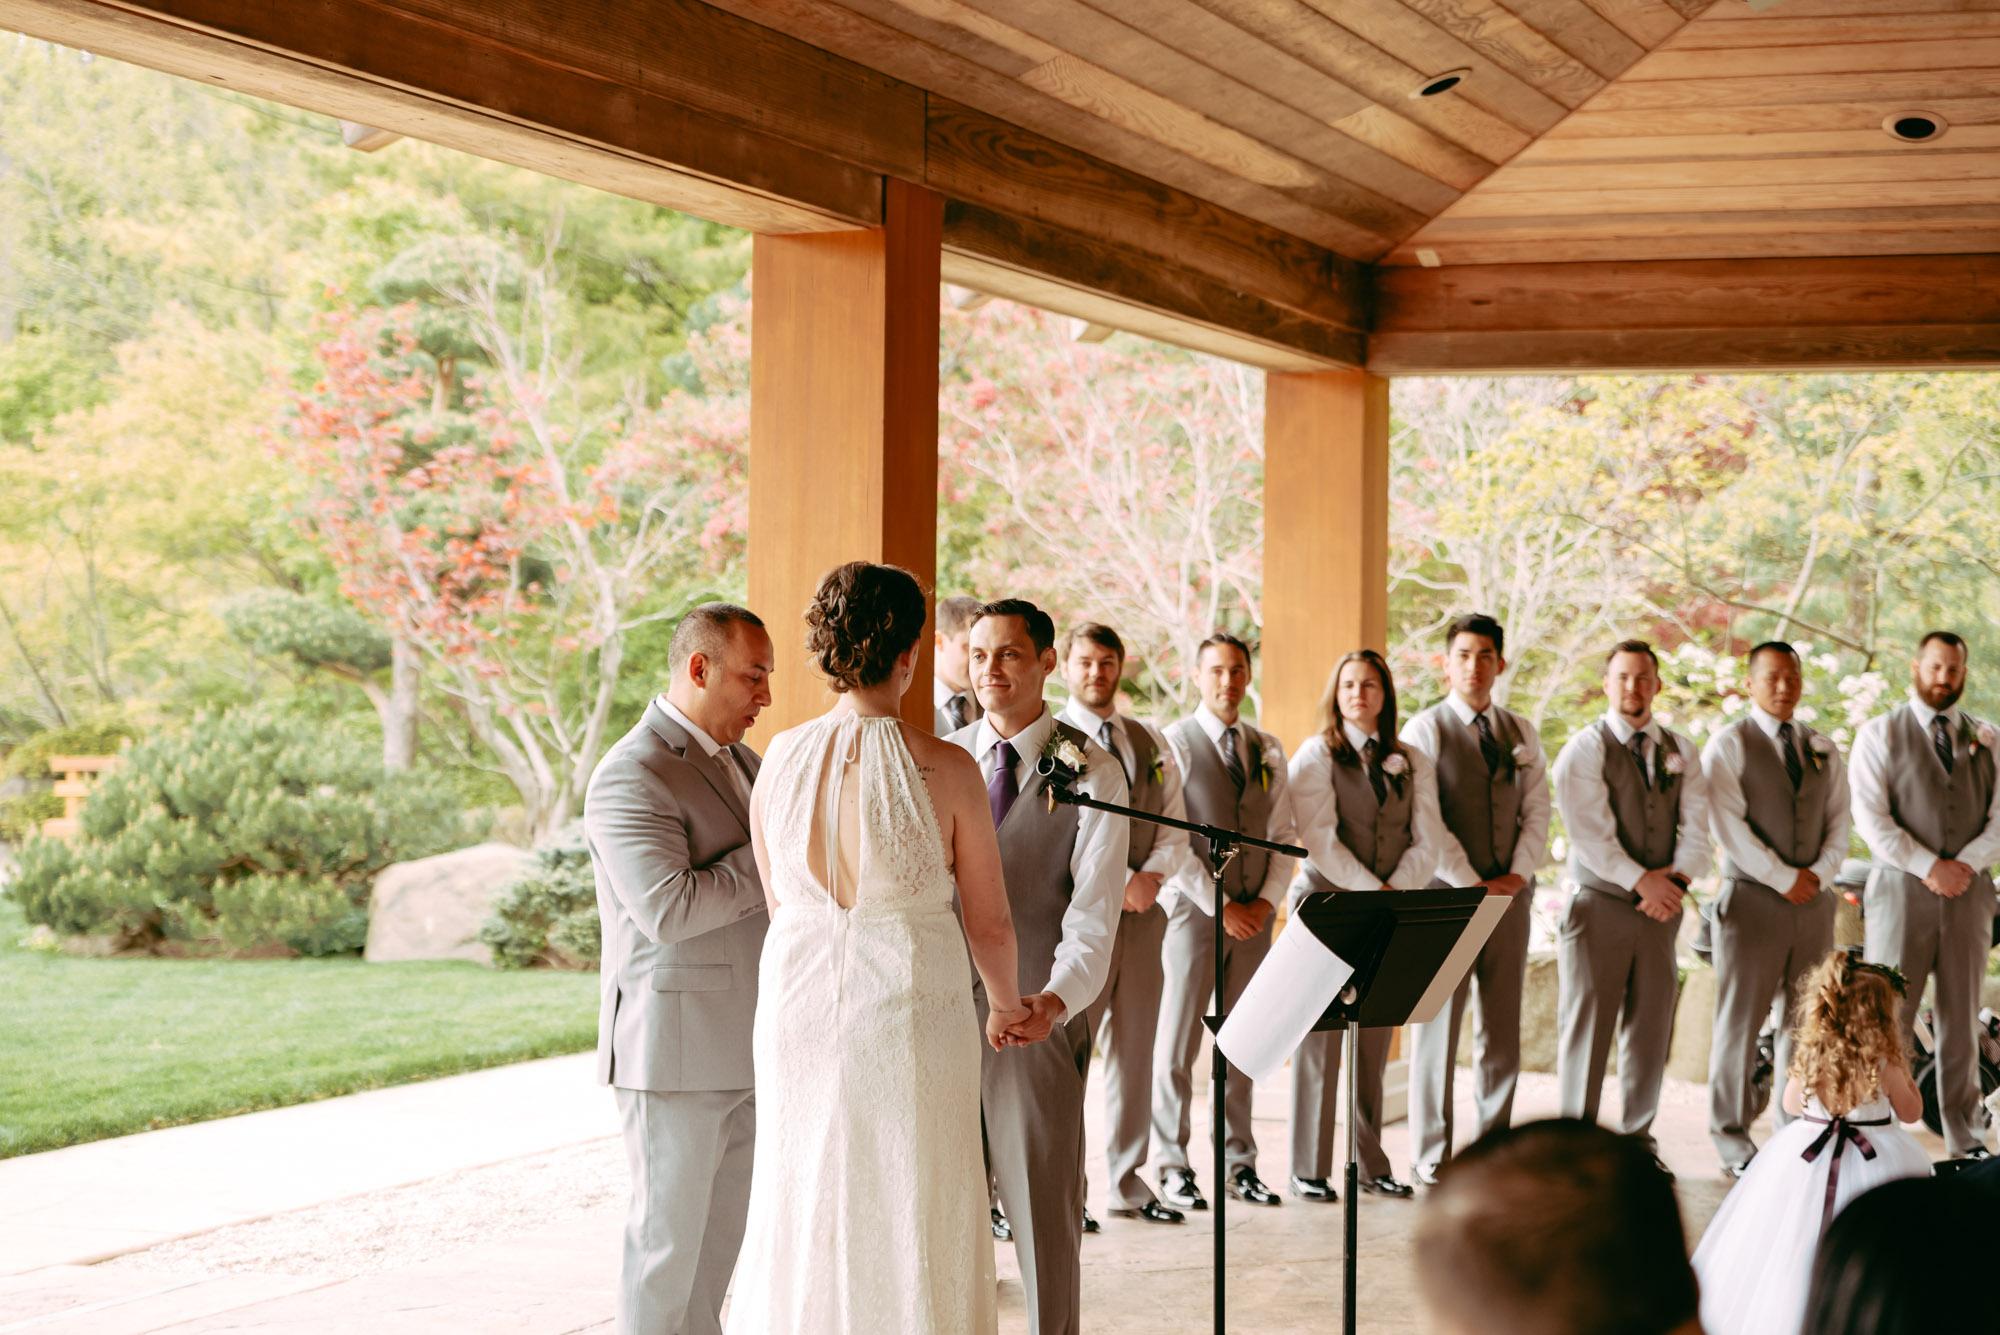 Rockford-IL-wedding-photographers-5-2.jpg